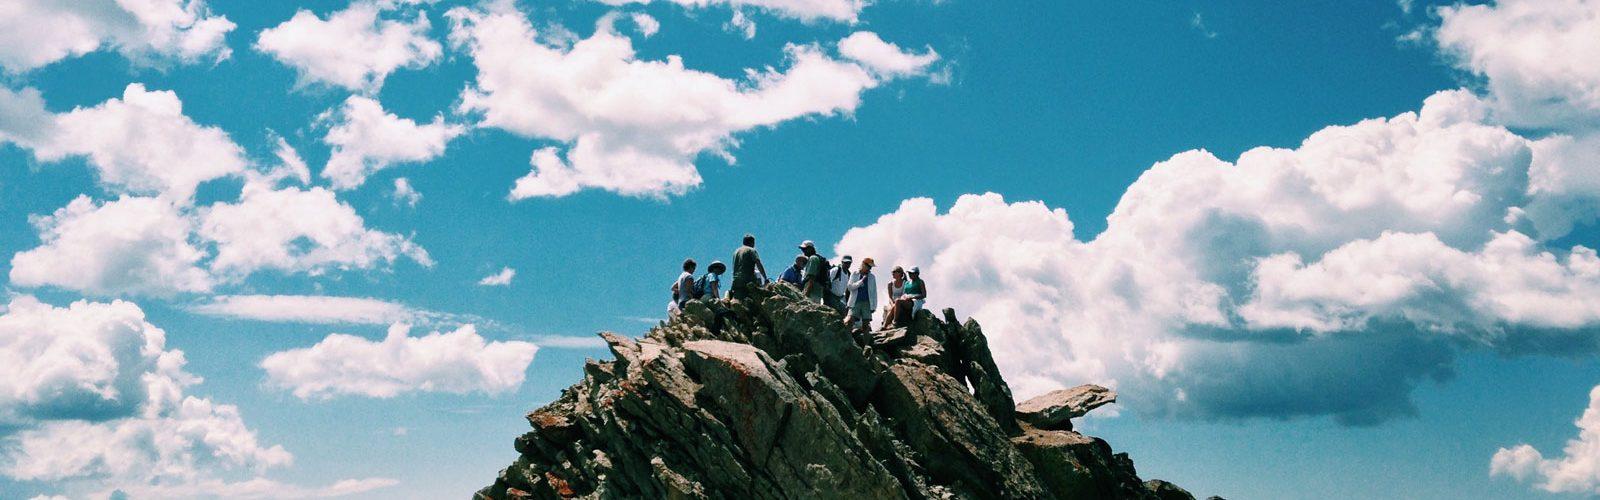 mountain1600x600